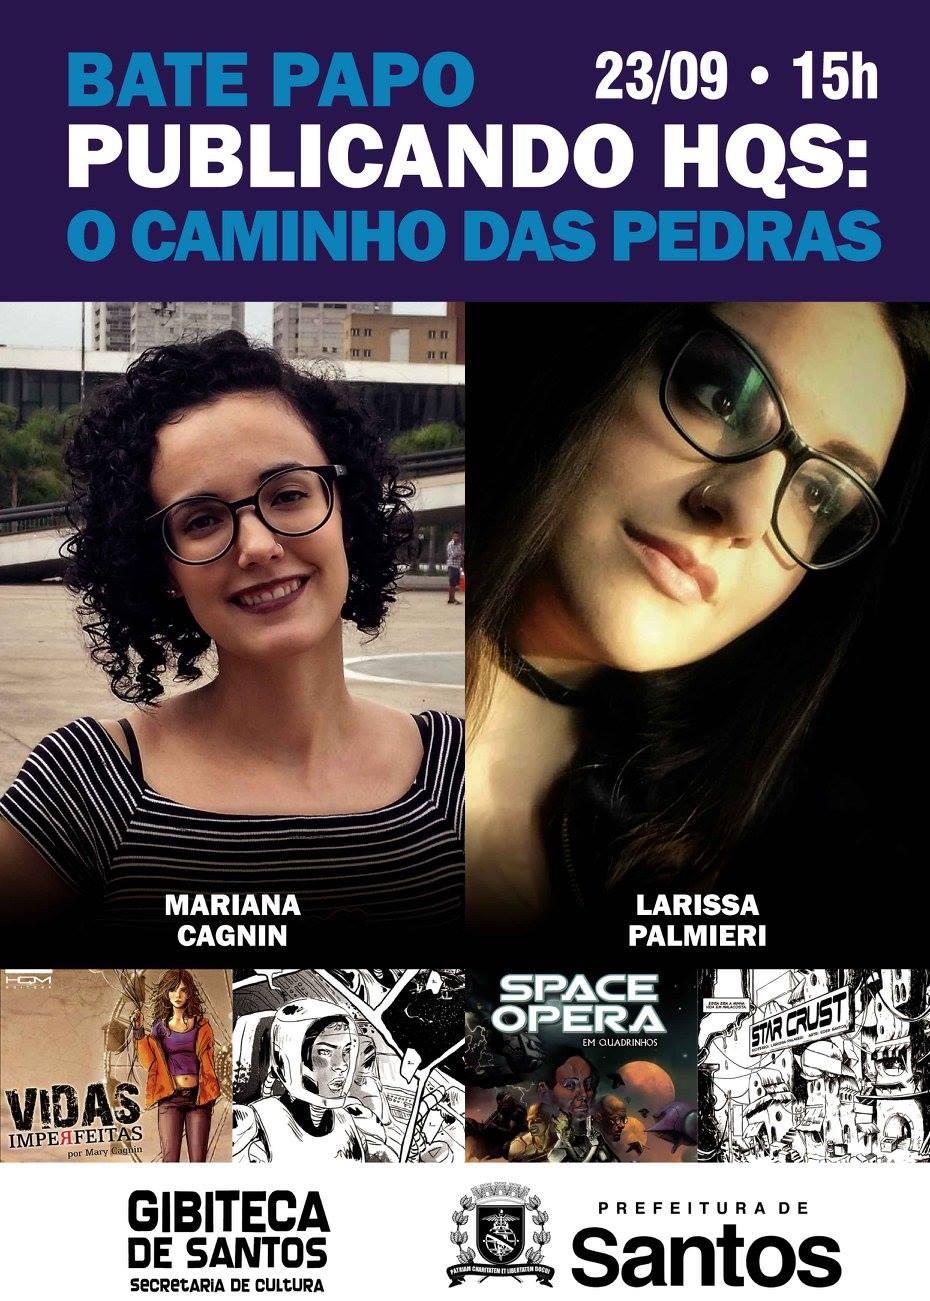 Publicando HQs – Bate Papo na Gibiteca de Santos